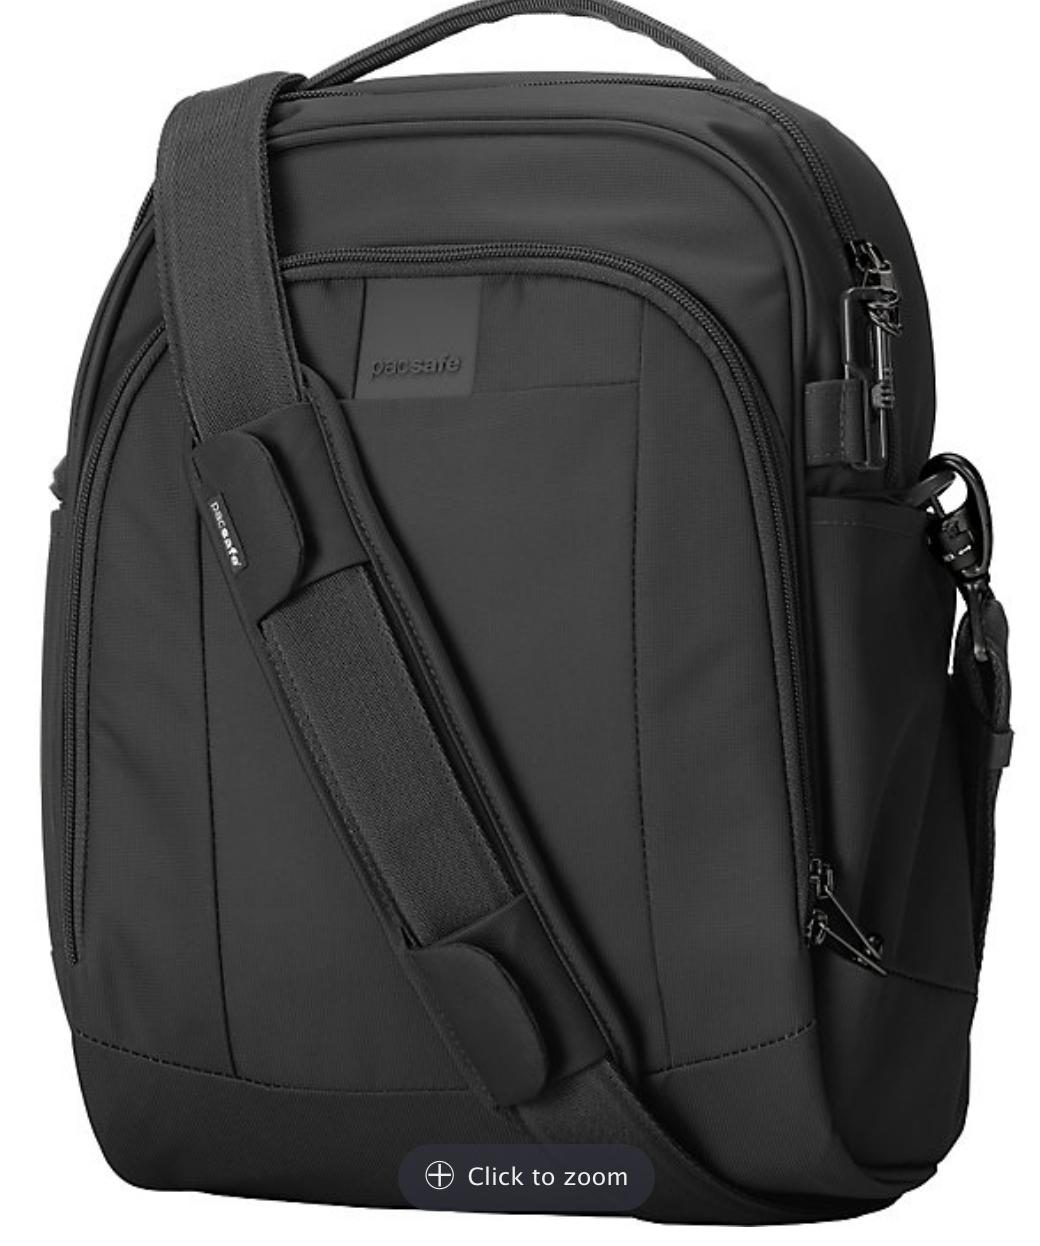 Pacsafe Anti-theft Shoulder bag Metrosafe LS250